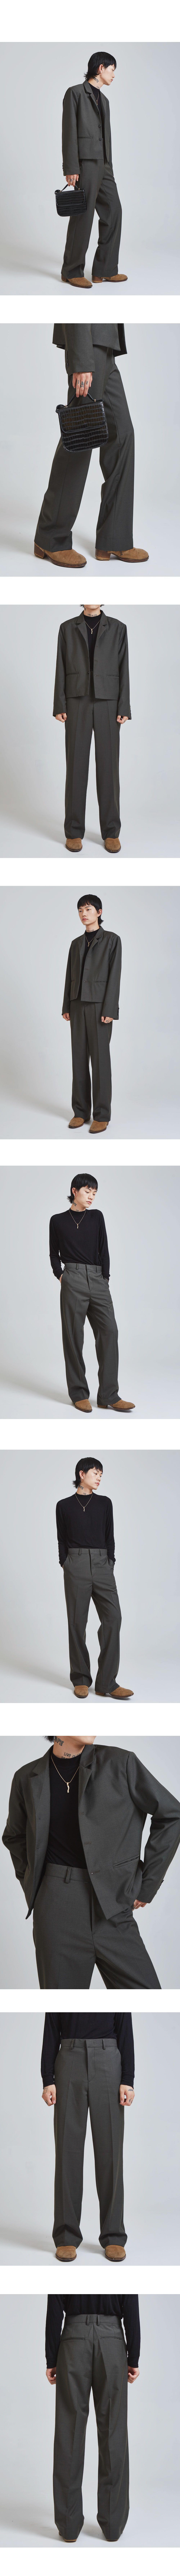 SALE standard-fit formal slacks - UNISEX